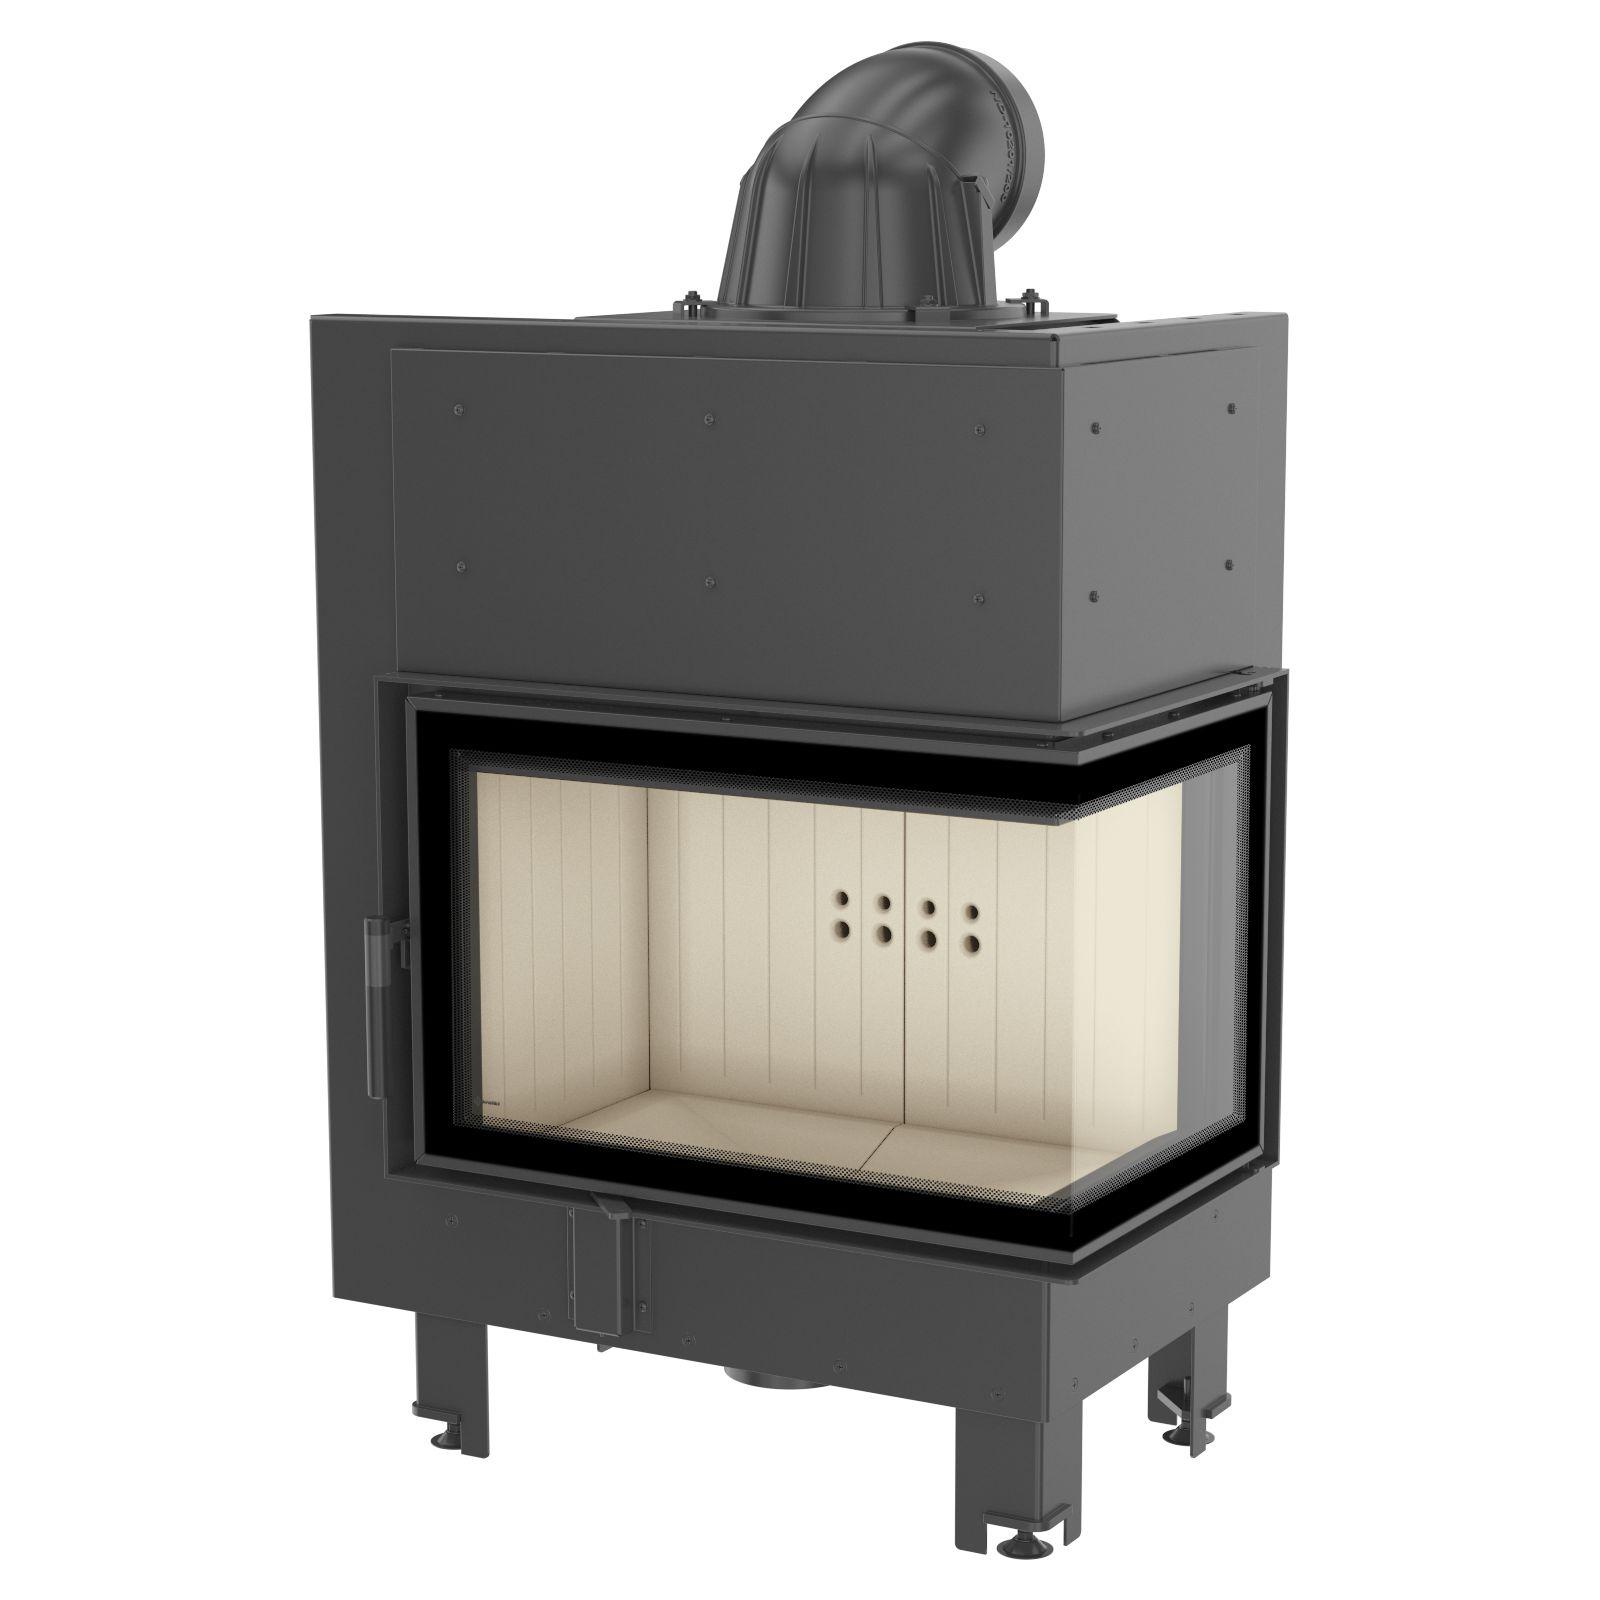 kamineinsatz kratki mbm 10 kw rechte seitenscheibe. Black Bedroom Furniture Sets. Home Design Ideas